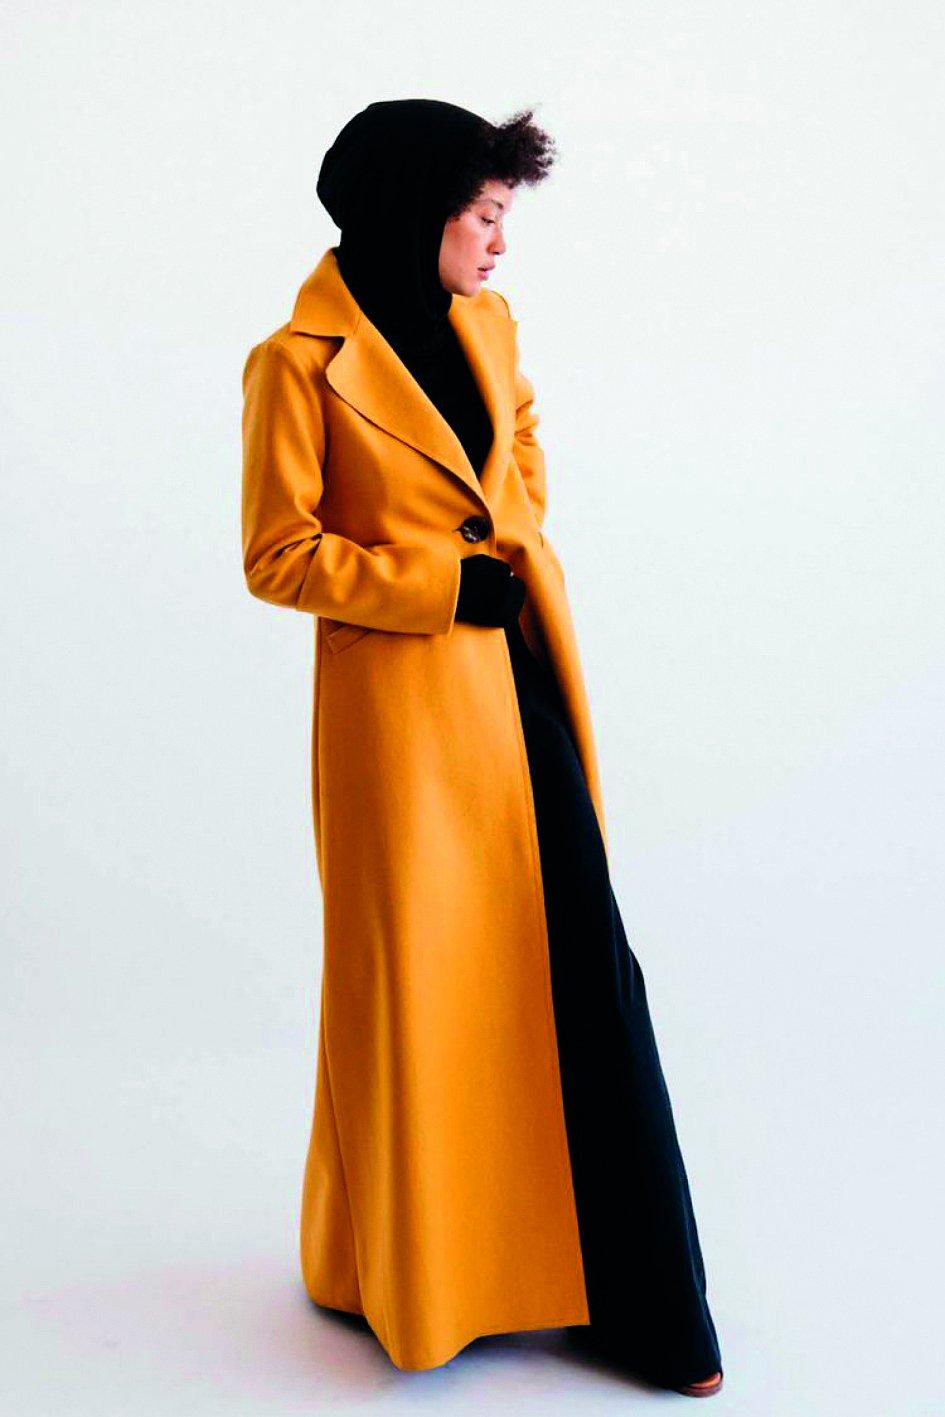 ce553e4c84d53 مجلة زهرة السوسن - 8 علامات تجارية صاعدة  تصاميم مبتكرة من الملابس ...